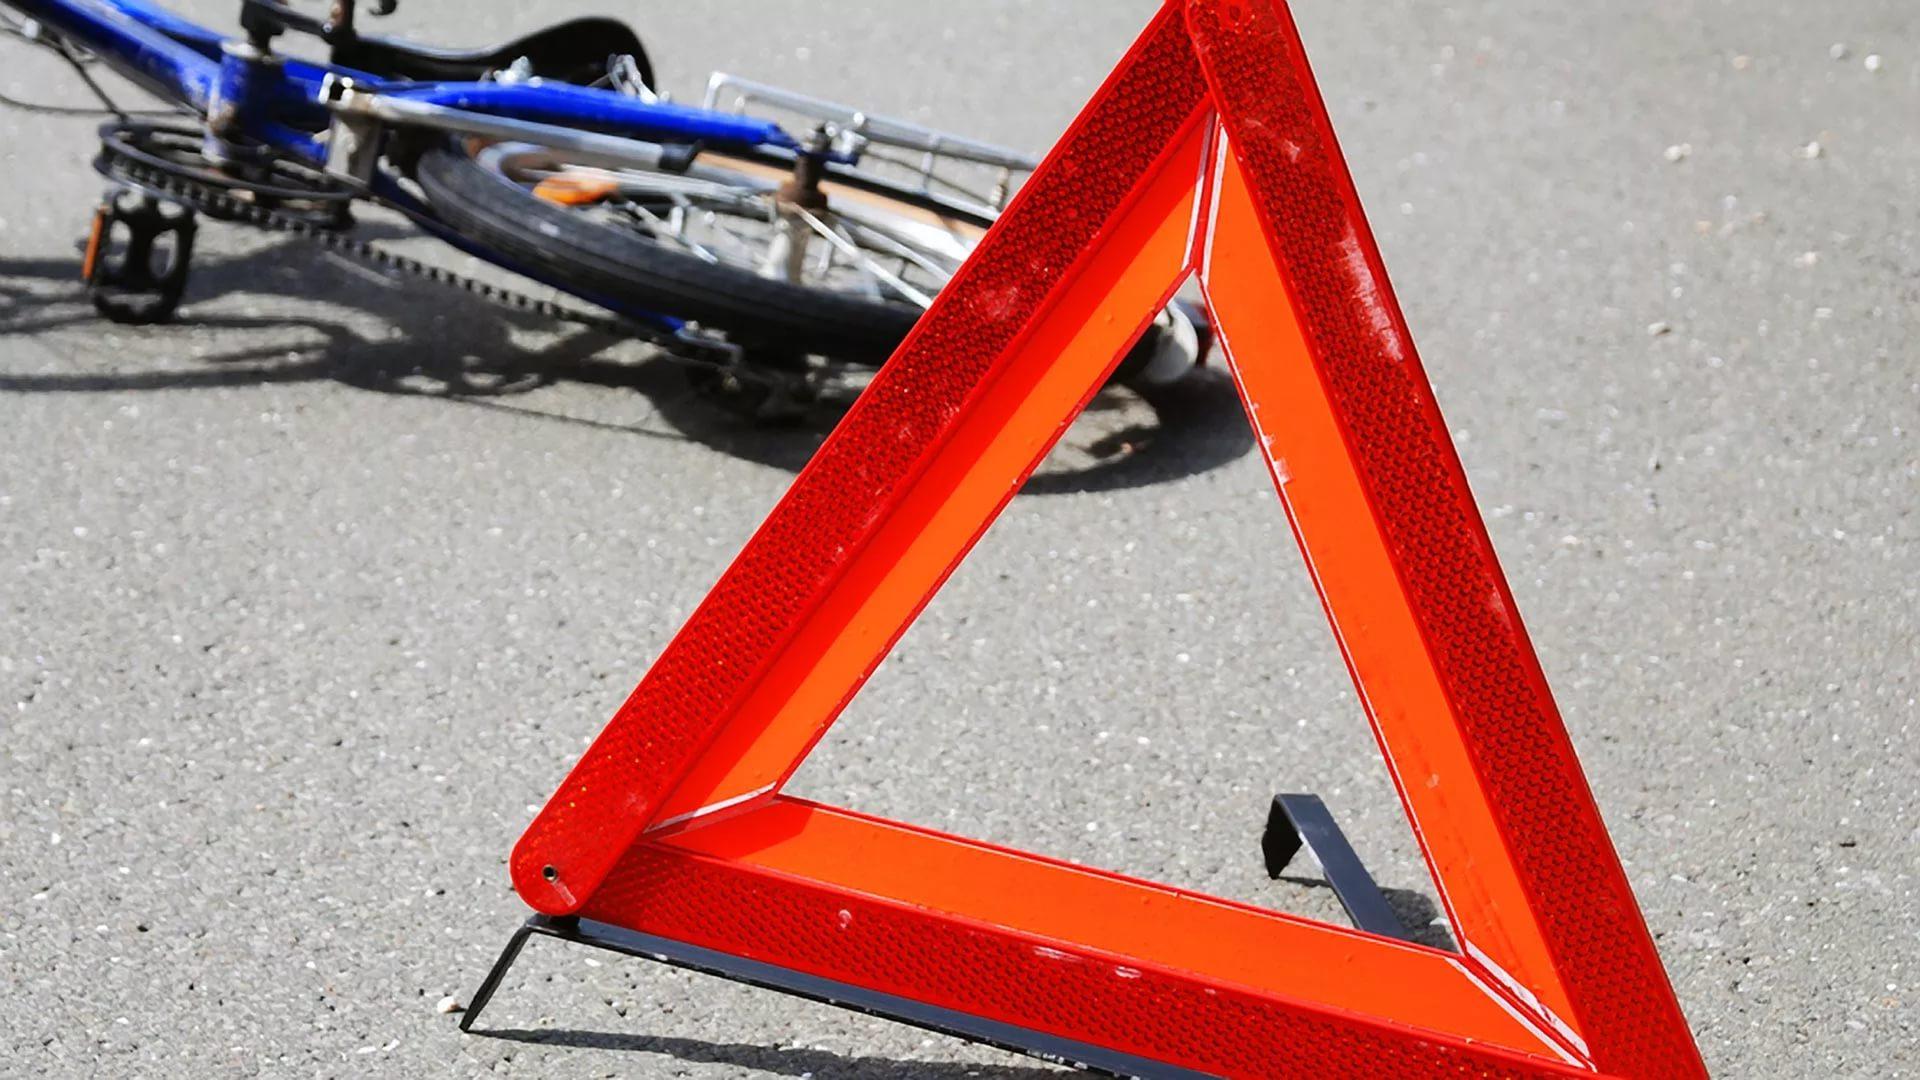 10-летнего мальчика-велосипедиста сбила иномарка в Тверской области